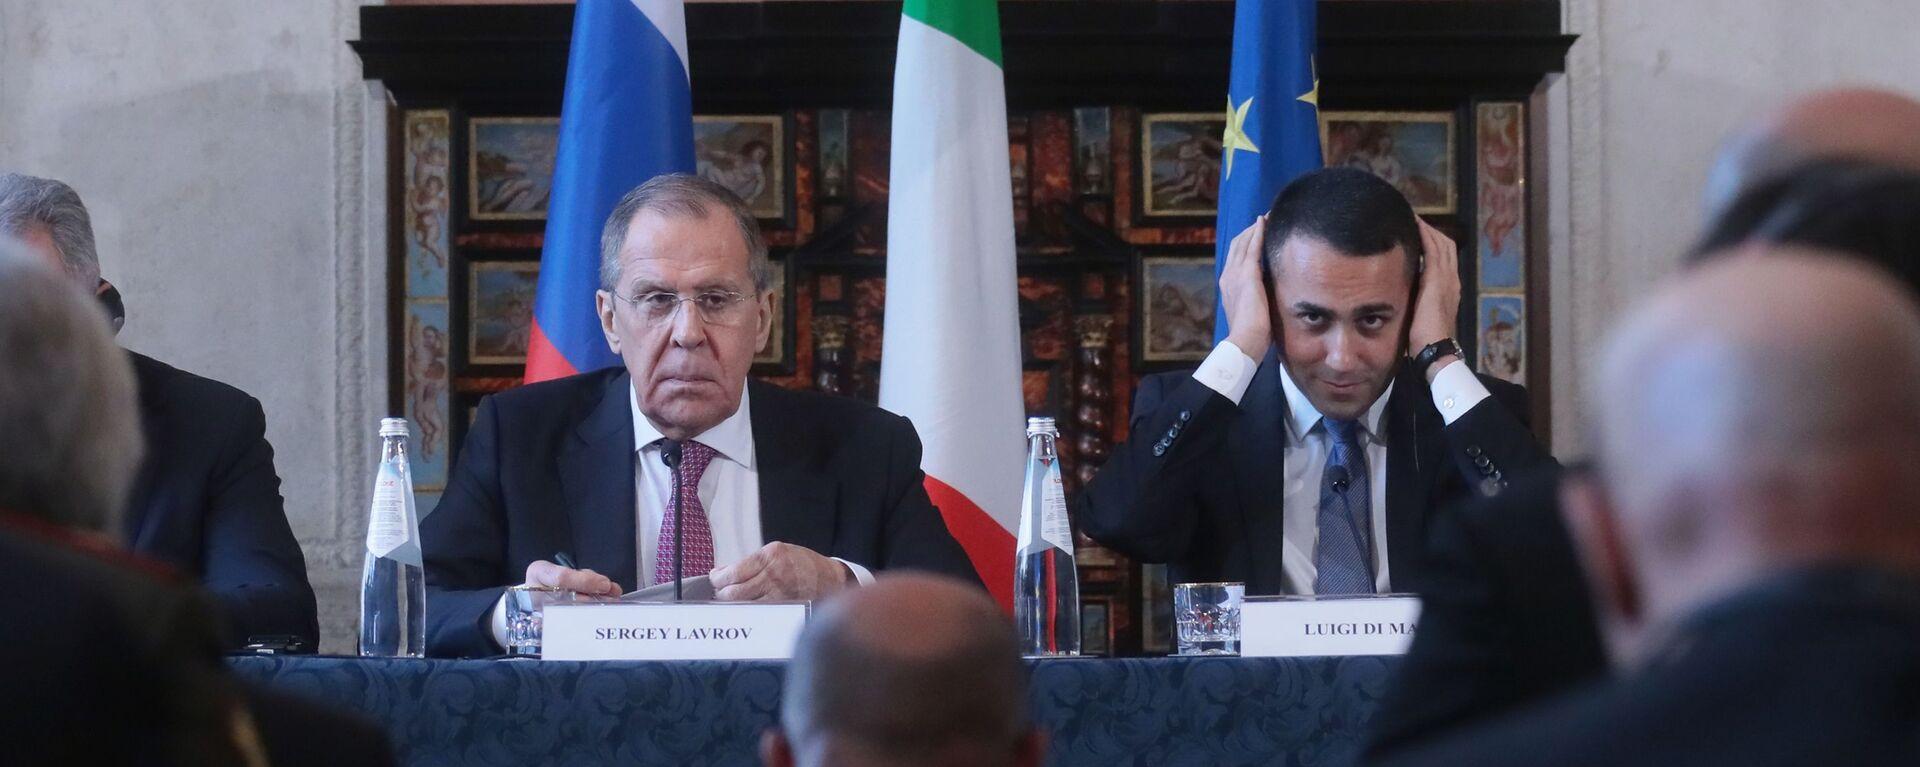 I ministri degli Esteri di Italia e Russia Sergey Lavrov e Luigi di Maio durante l'incontro bilaterale in formato 2+2 Italia-Russia - Sputnik Italia, 1920, 25.08.2021